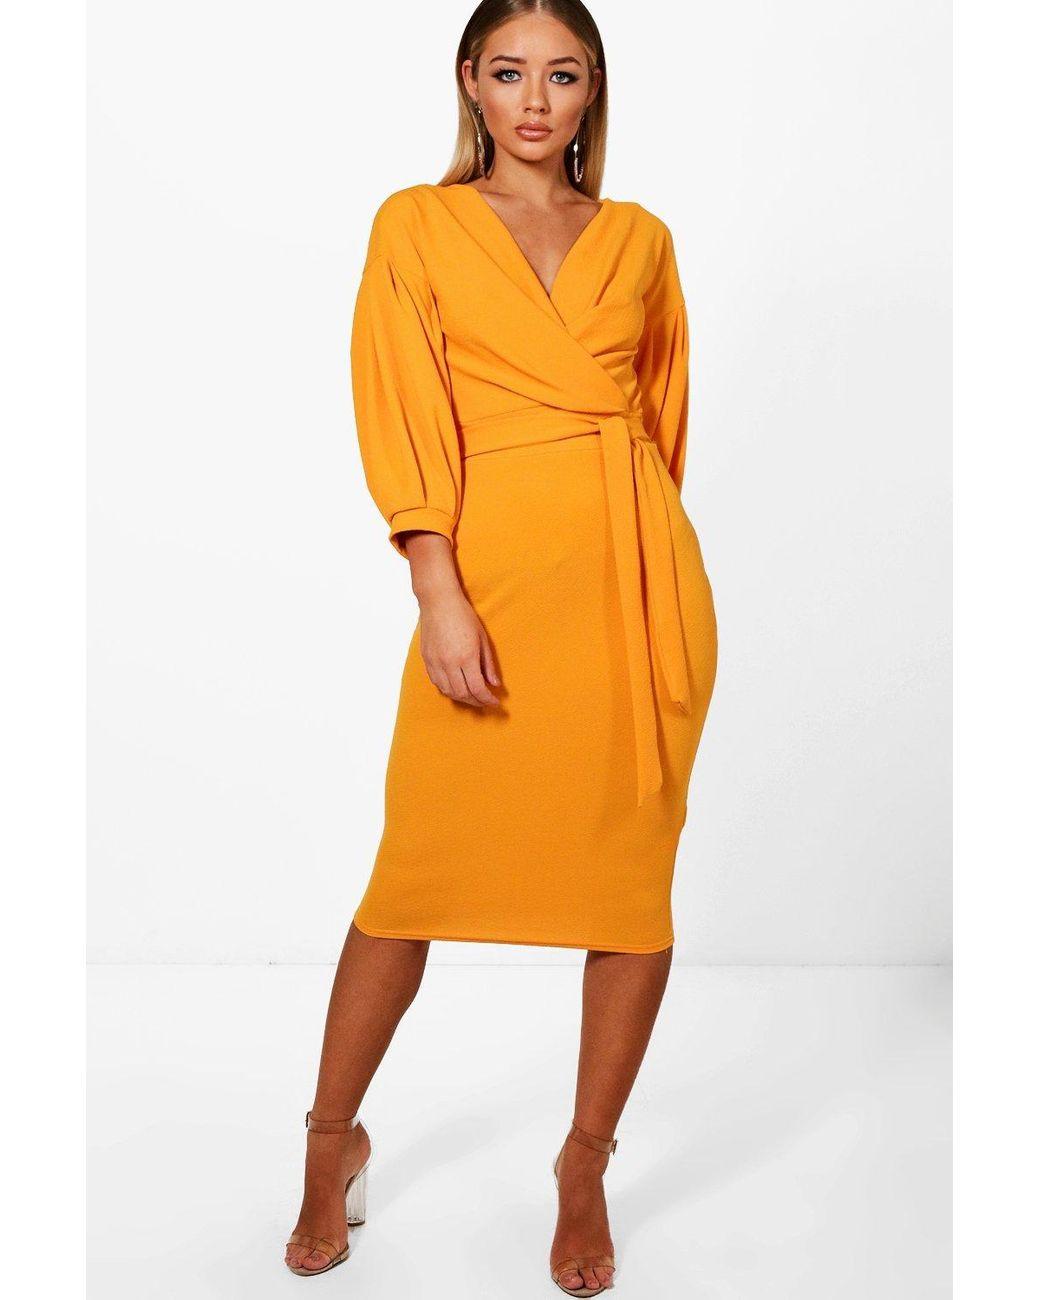 fd8b3b9fae67 Boohoo Off The Shoulder Wrap Midi Bodycon Dress in Orange - Lyst